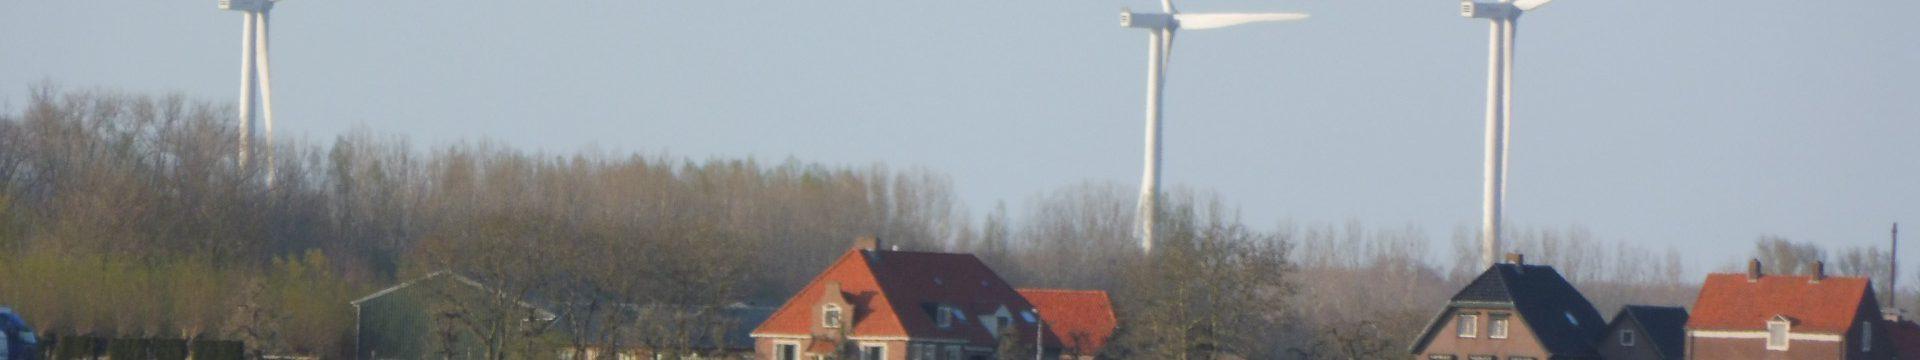 https://lingelandschap.nl/kritische-inspraakreactie-op-windwinning-culemborg/